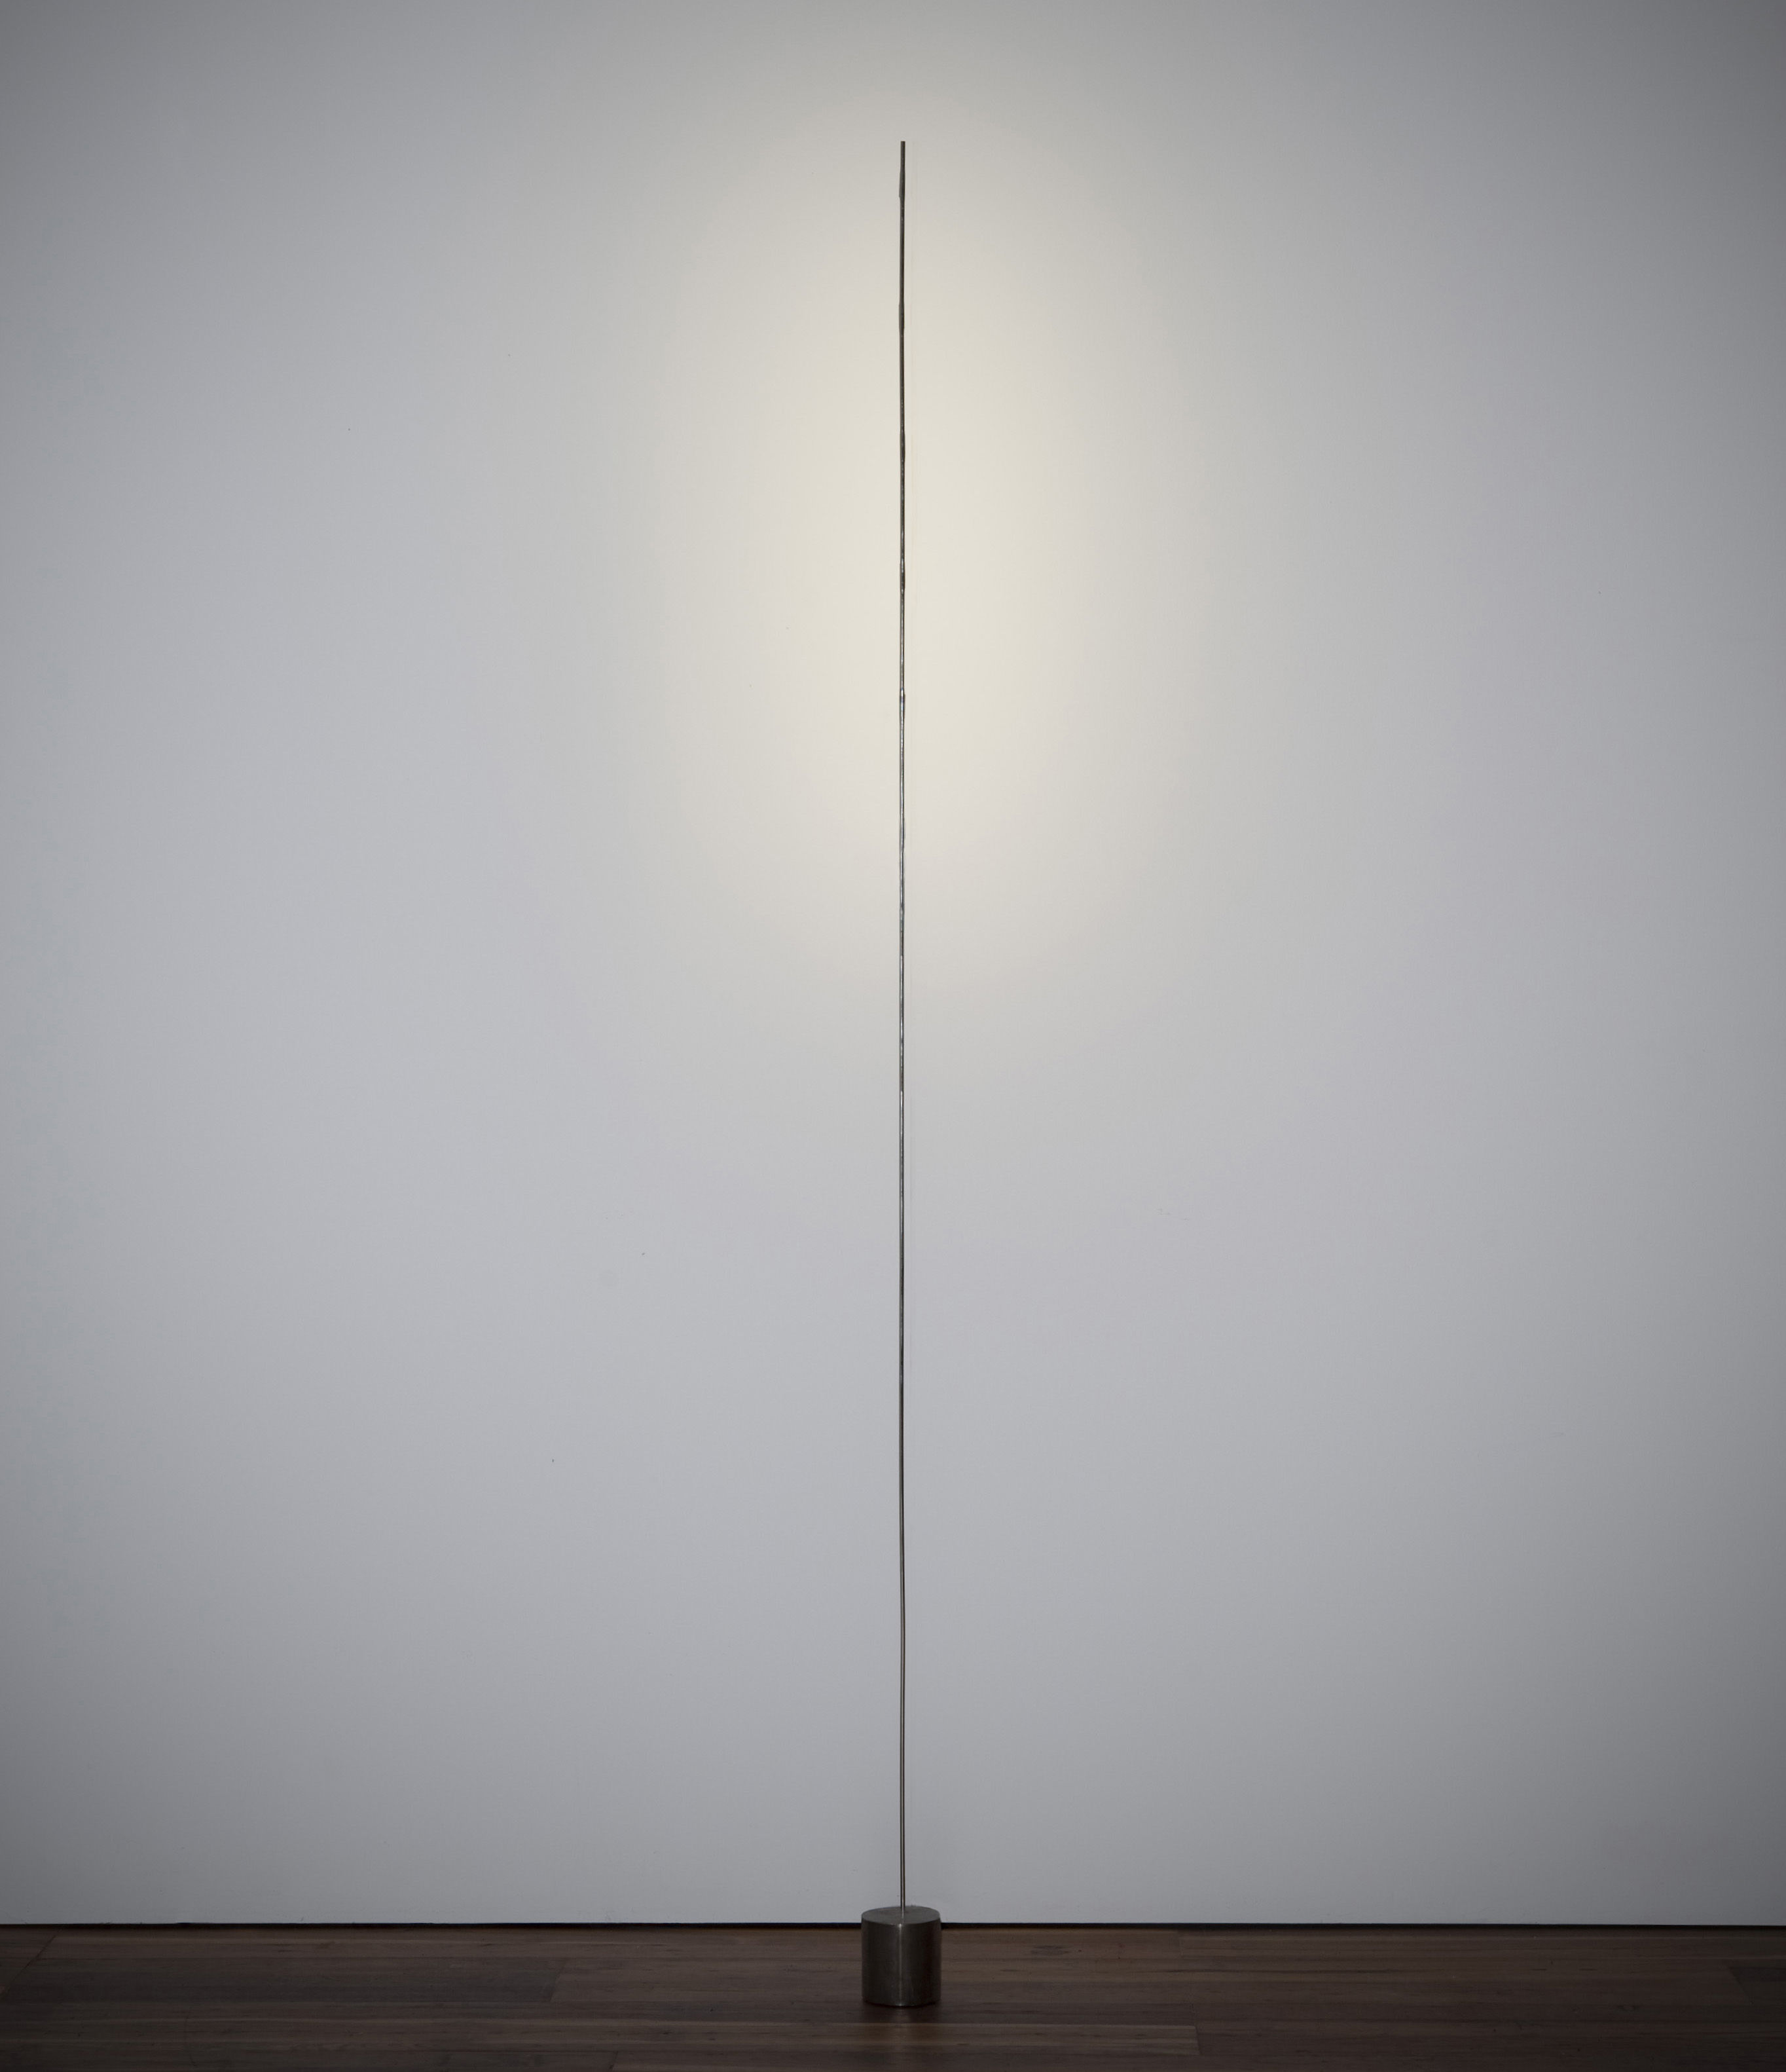 Leuchten - Stehleuchten - Light stick Stehleuchte - Catellani & Smith - Silberfarben - Metall